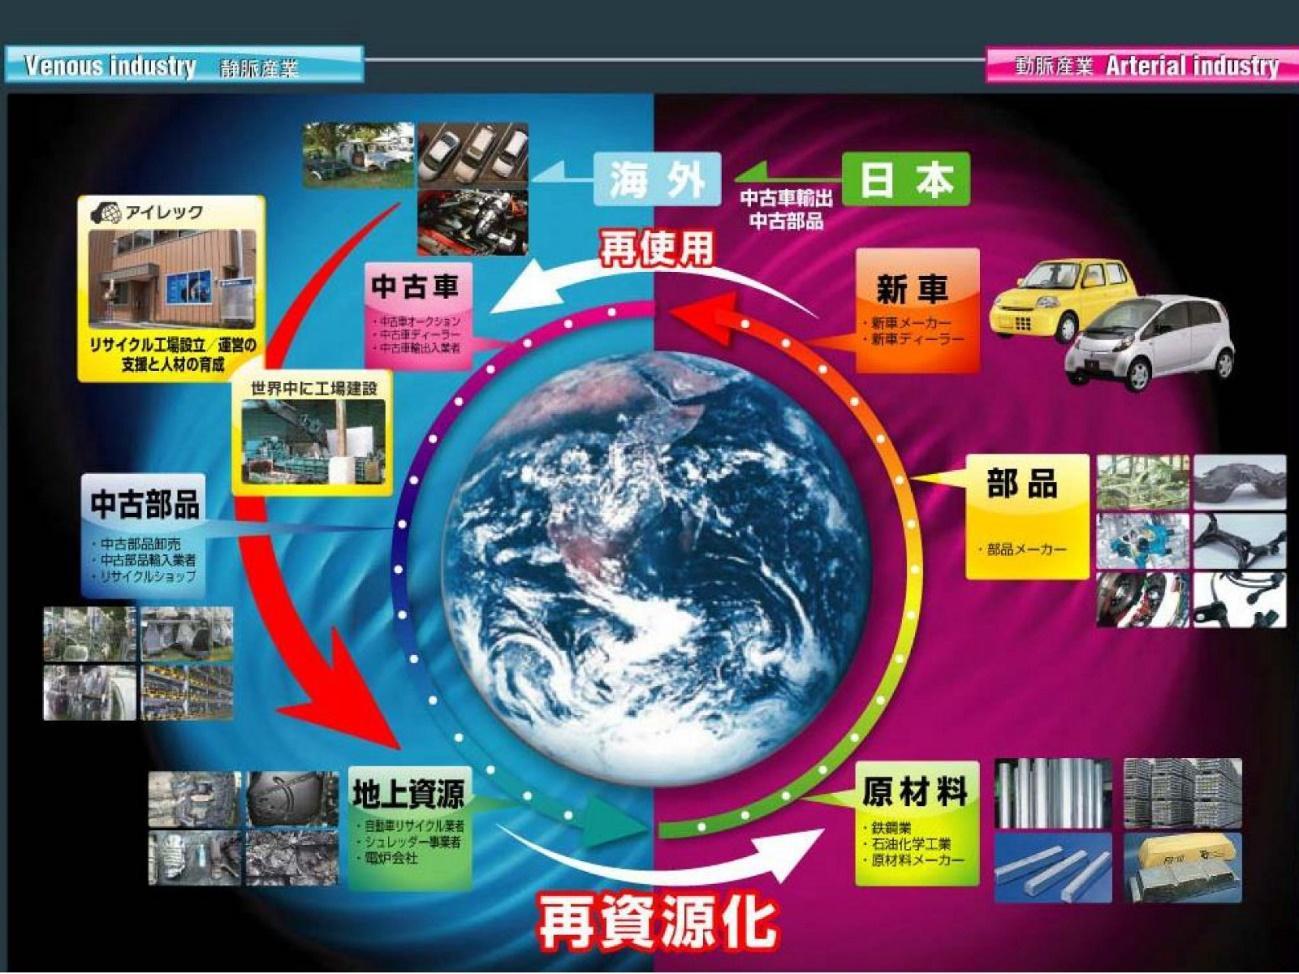 石川から世界へ -- SDGs推進の取り組み。産学連携による次世代型シュレッダー装置の開発がスタート。焼却、埋設されてきた自動車プラスチック部品のリサイクル資源化が可能に。 -- 金沢工業大学